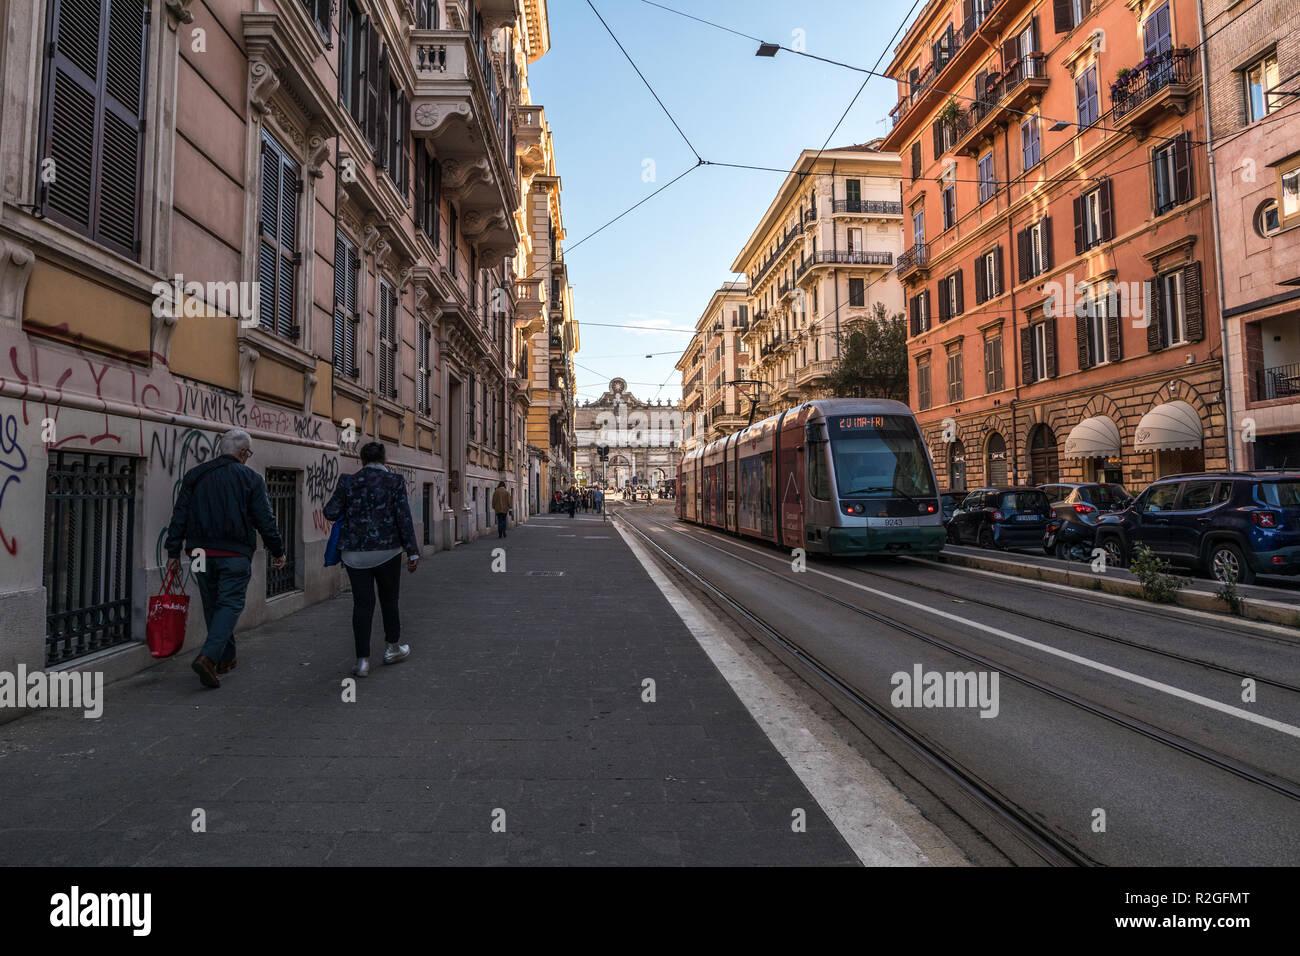 11/09/2018 - Roma, Italia: domenica pomeriggio nel centro della città, su strada con mezzi di trasporto ATAC che porta a Piazzale Flaminio e Piazza del Popolo. Peopl Immagini Stock